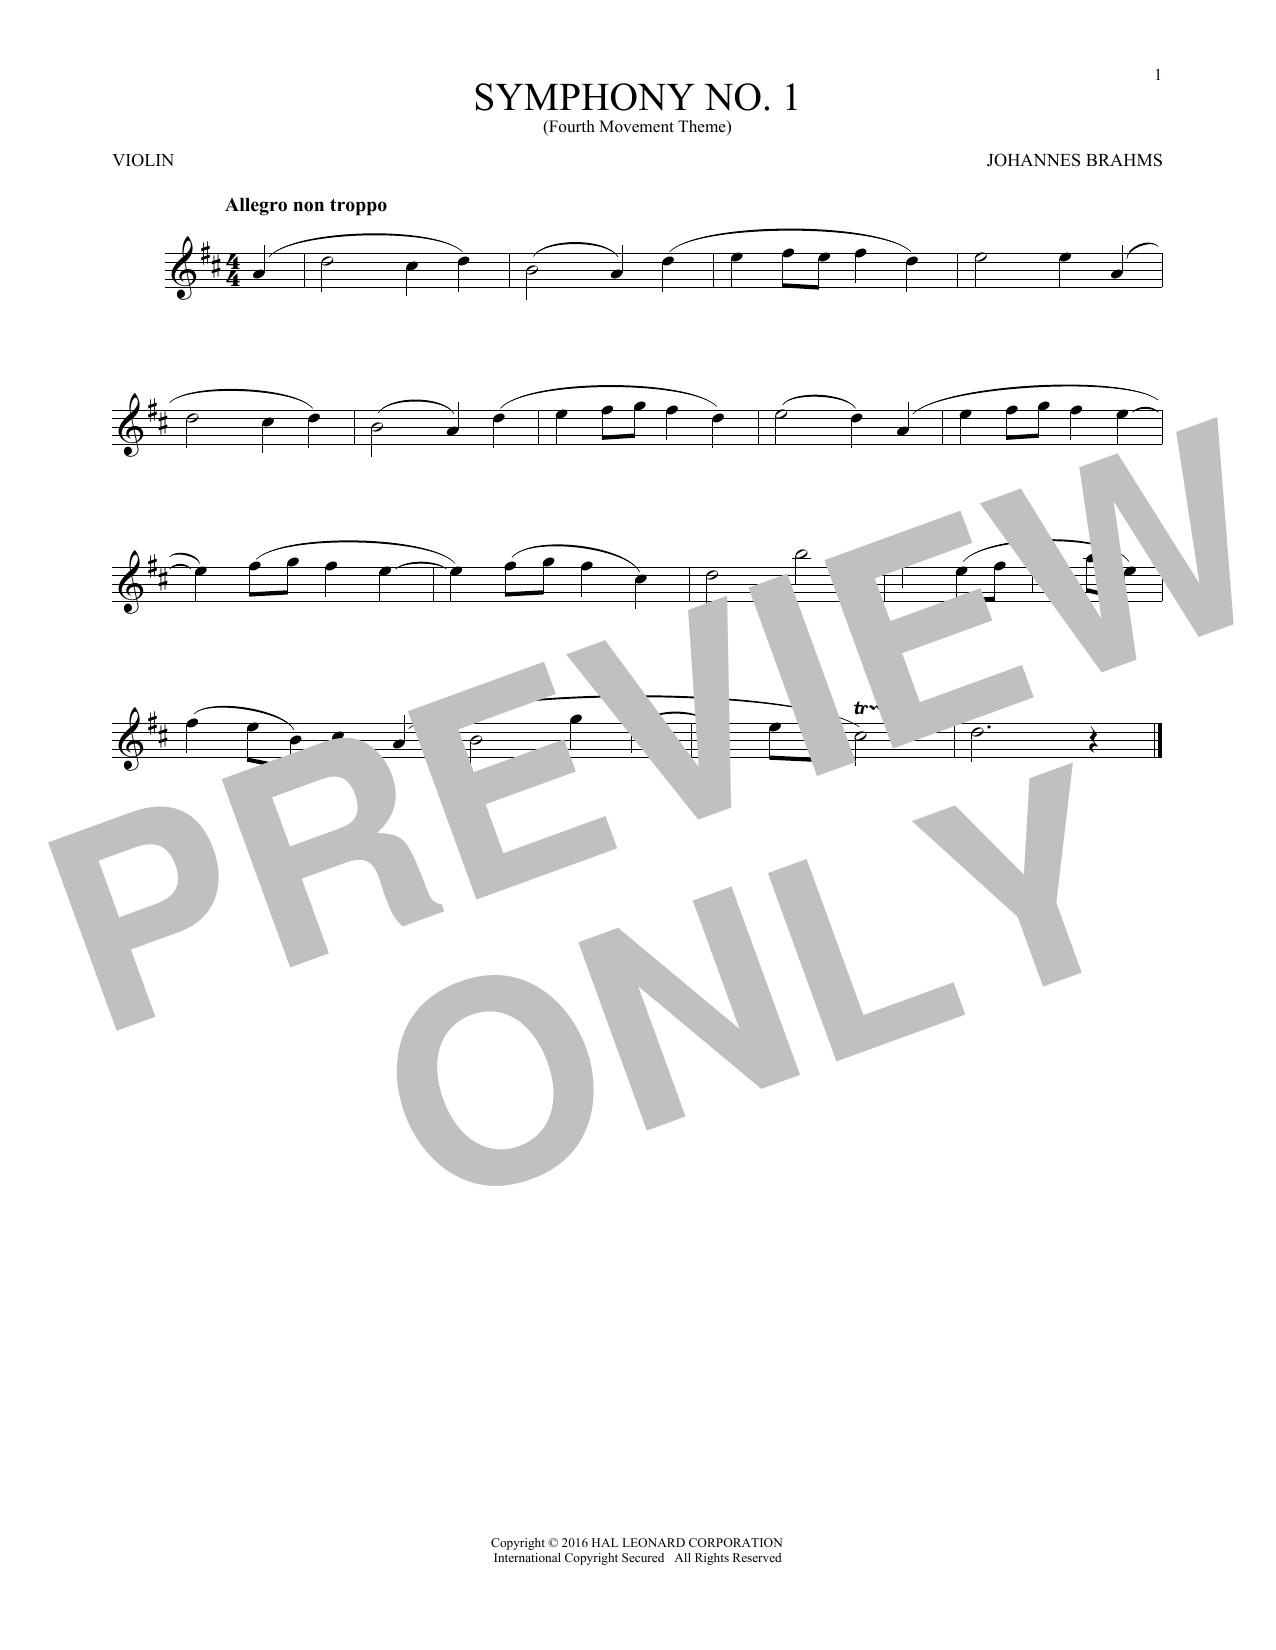 Symphony No. 1 In C Minor, Fourth Movement Excerpt (Violin Solo)